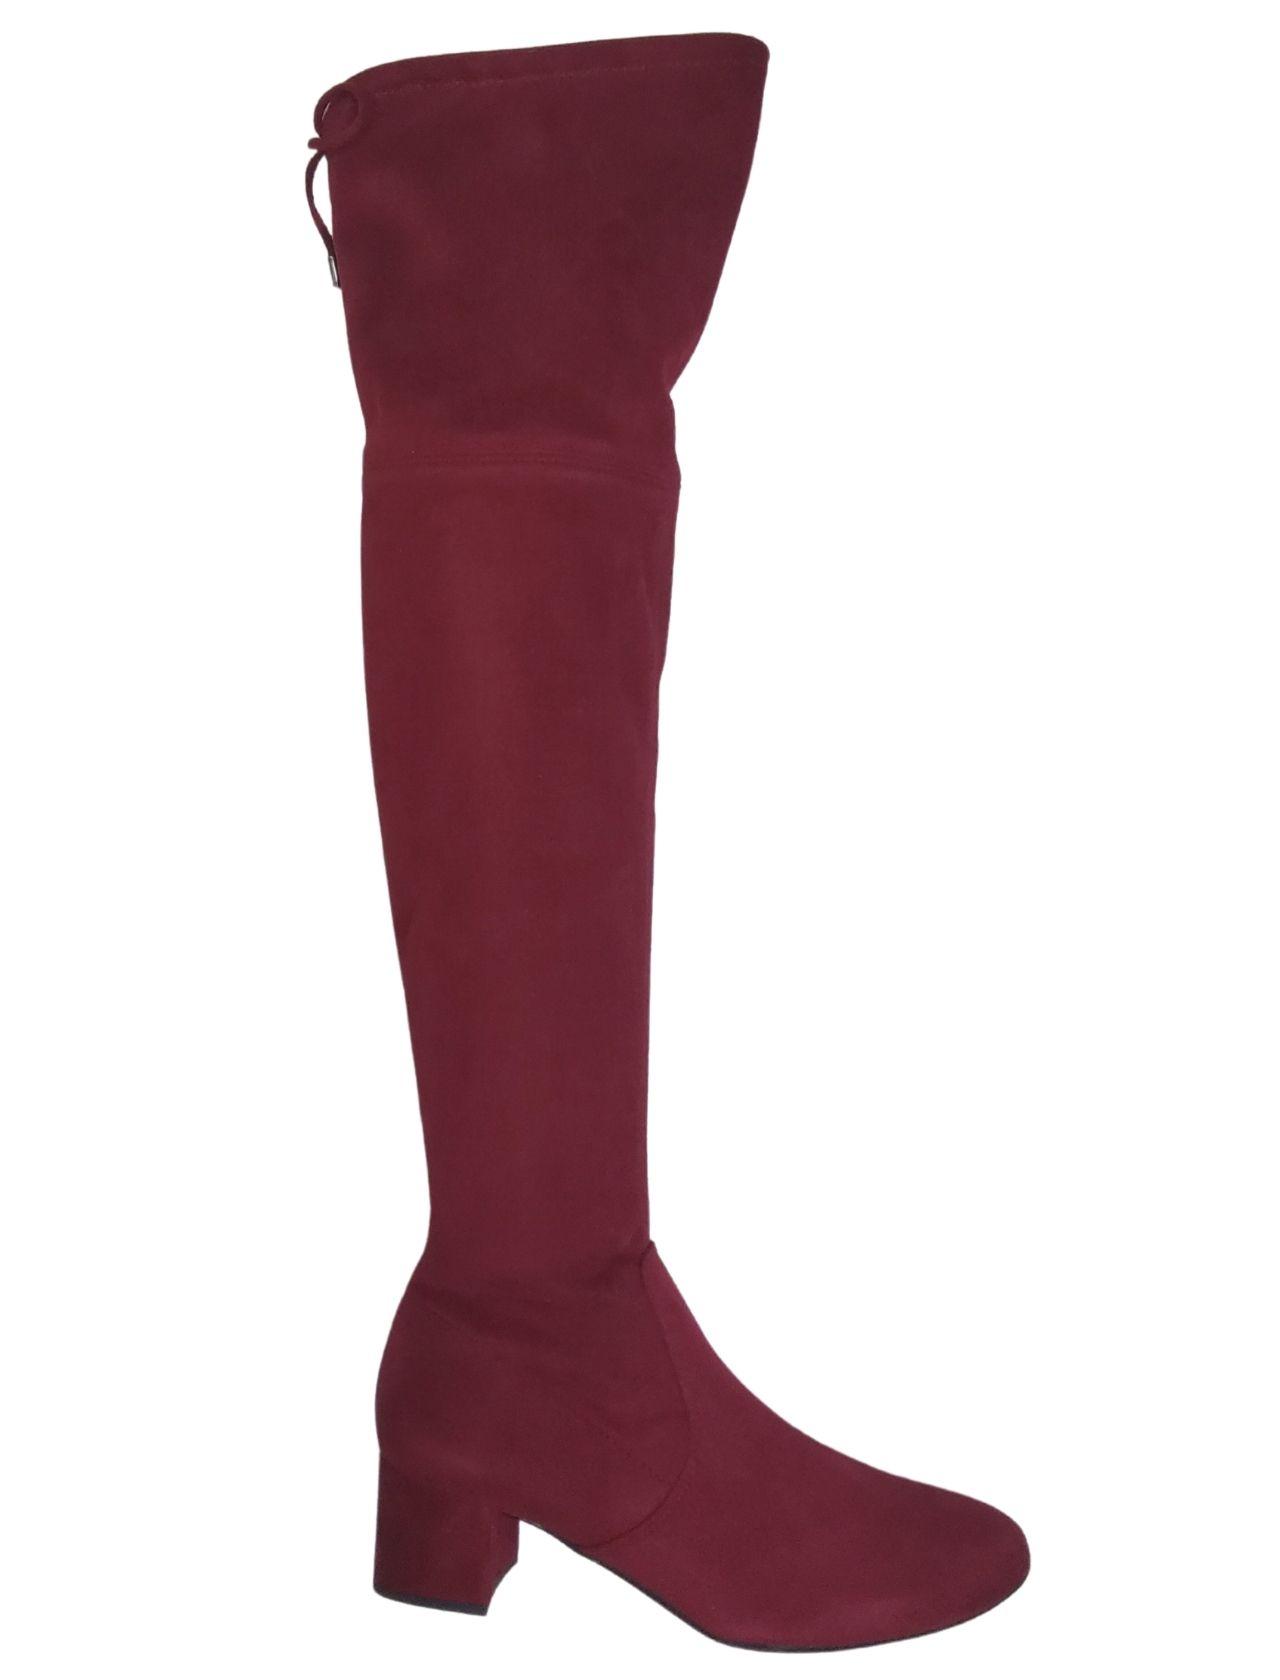 Calzature Donna Stivale Sopra Ginocchio Donna In Eco Camoscio Rosso Con Laccetti Posteriori Unisa | Stivali | KONGOROSSO